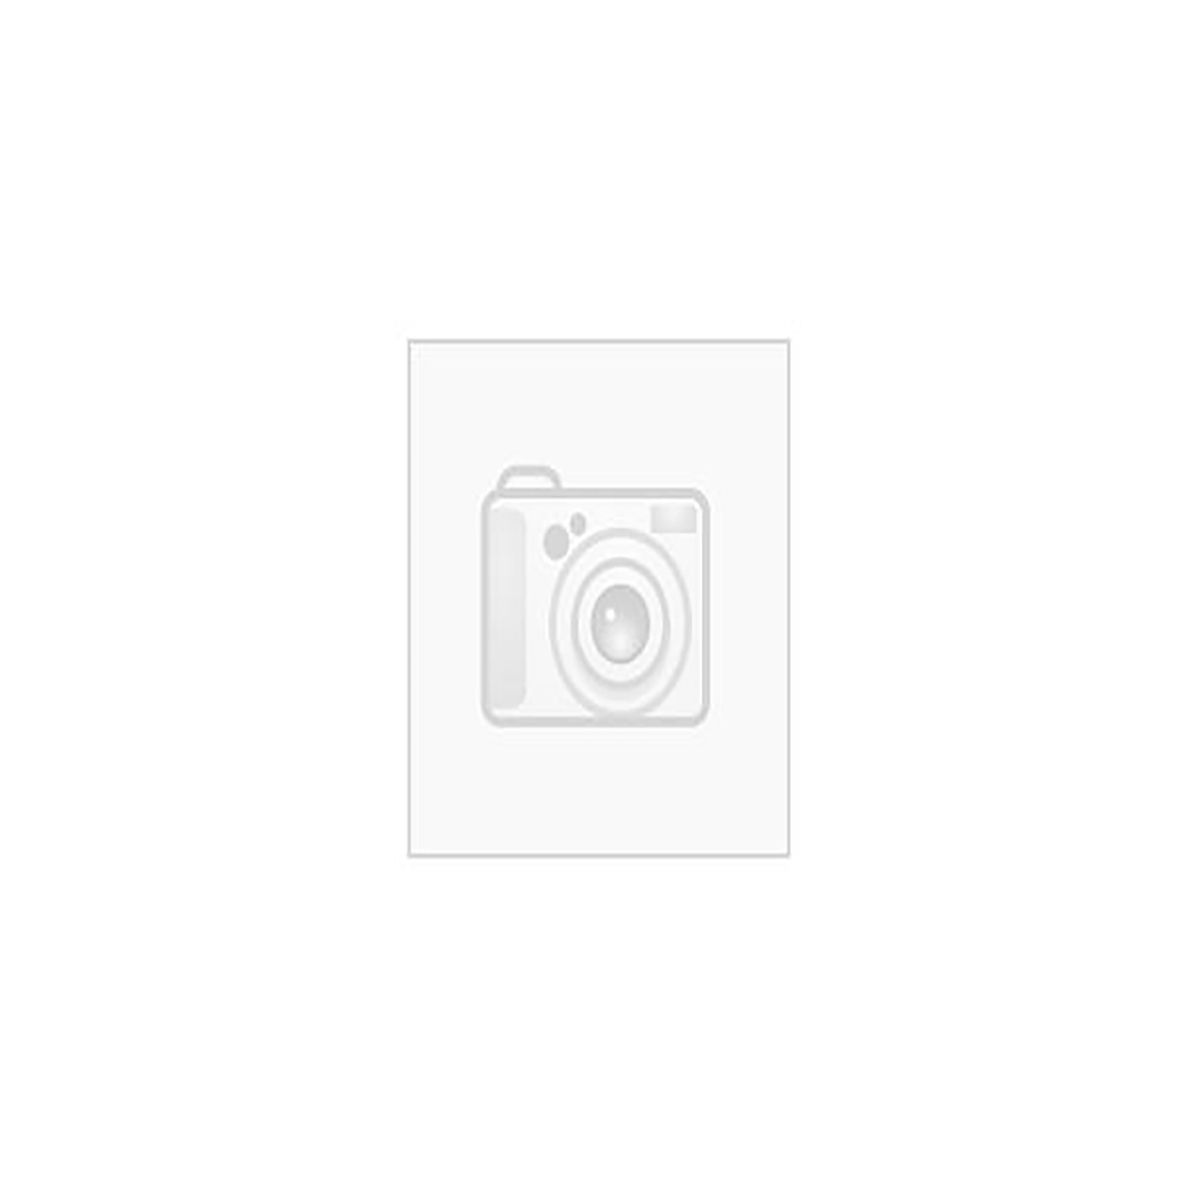 Cinderella Luftepakke m/takmansjett - Installasjonspakke m/tak